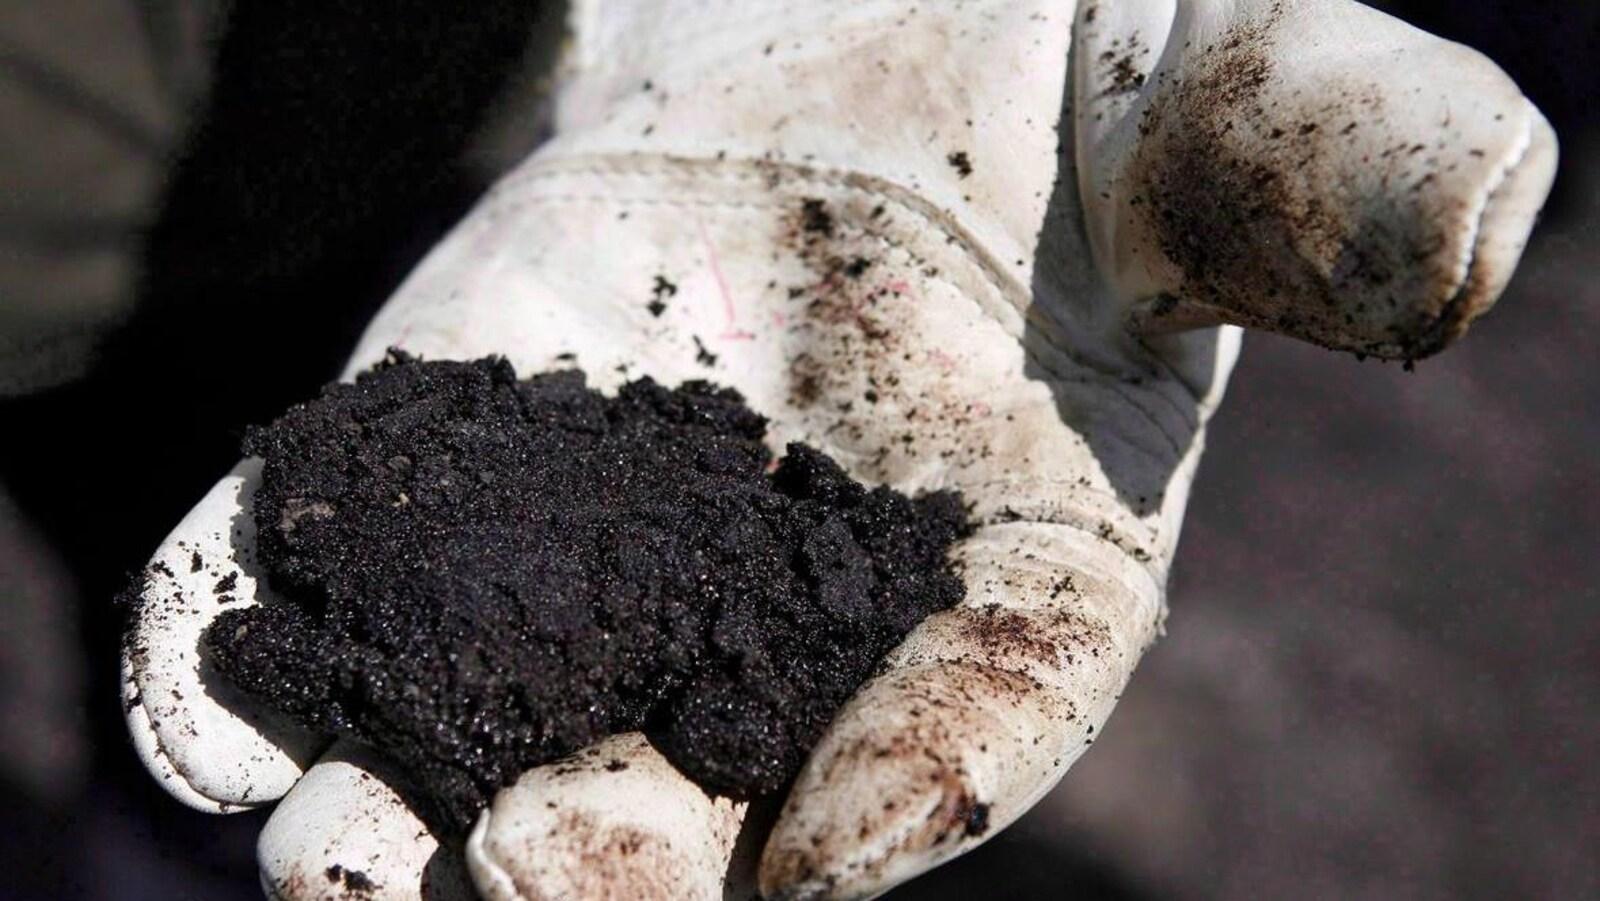 Une poignée de sable bitumineux dans un gant de travail.